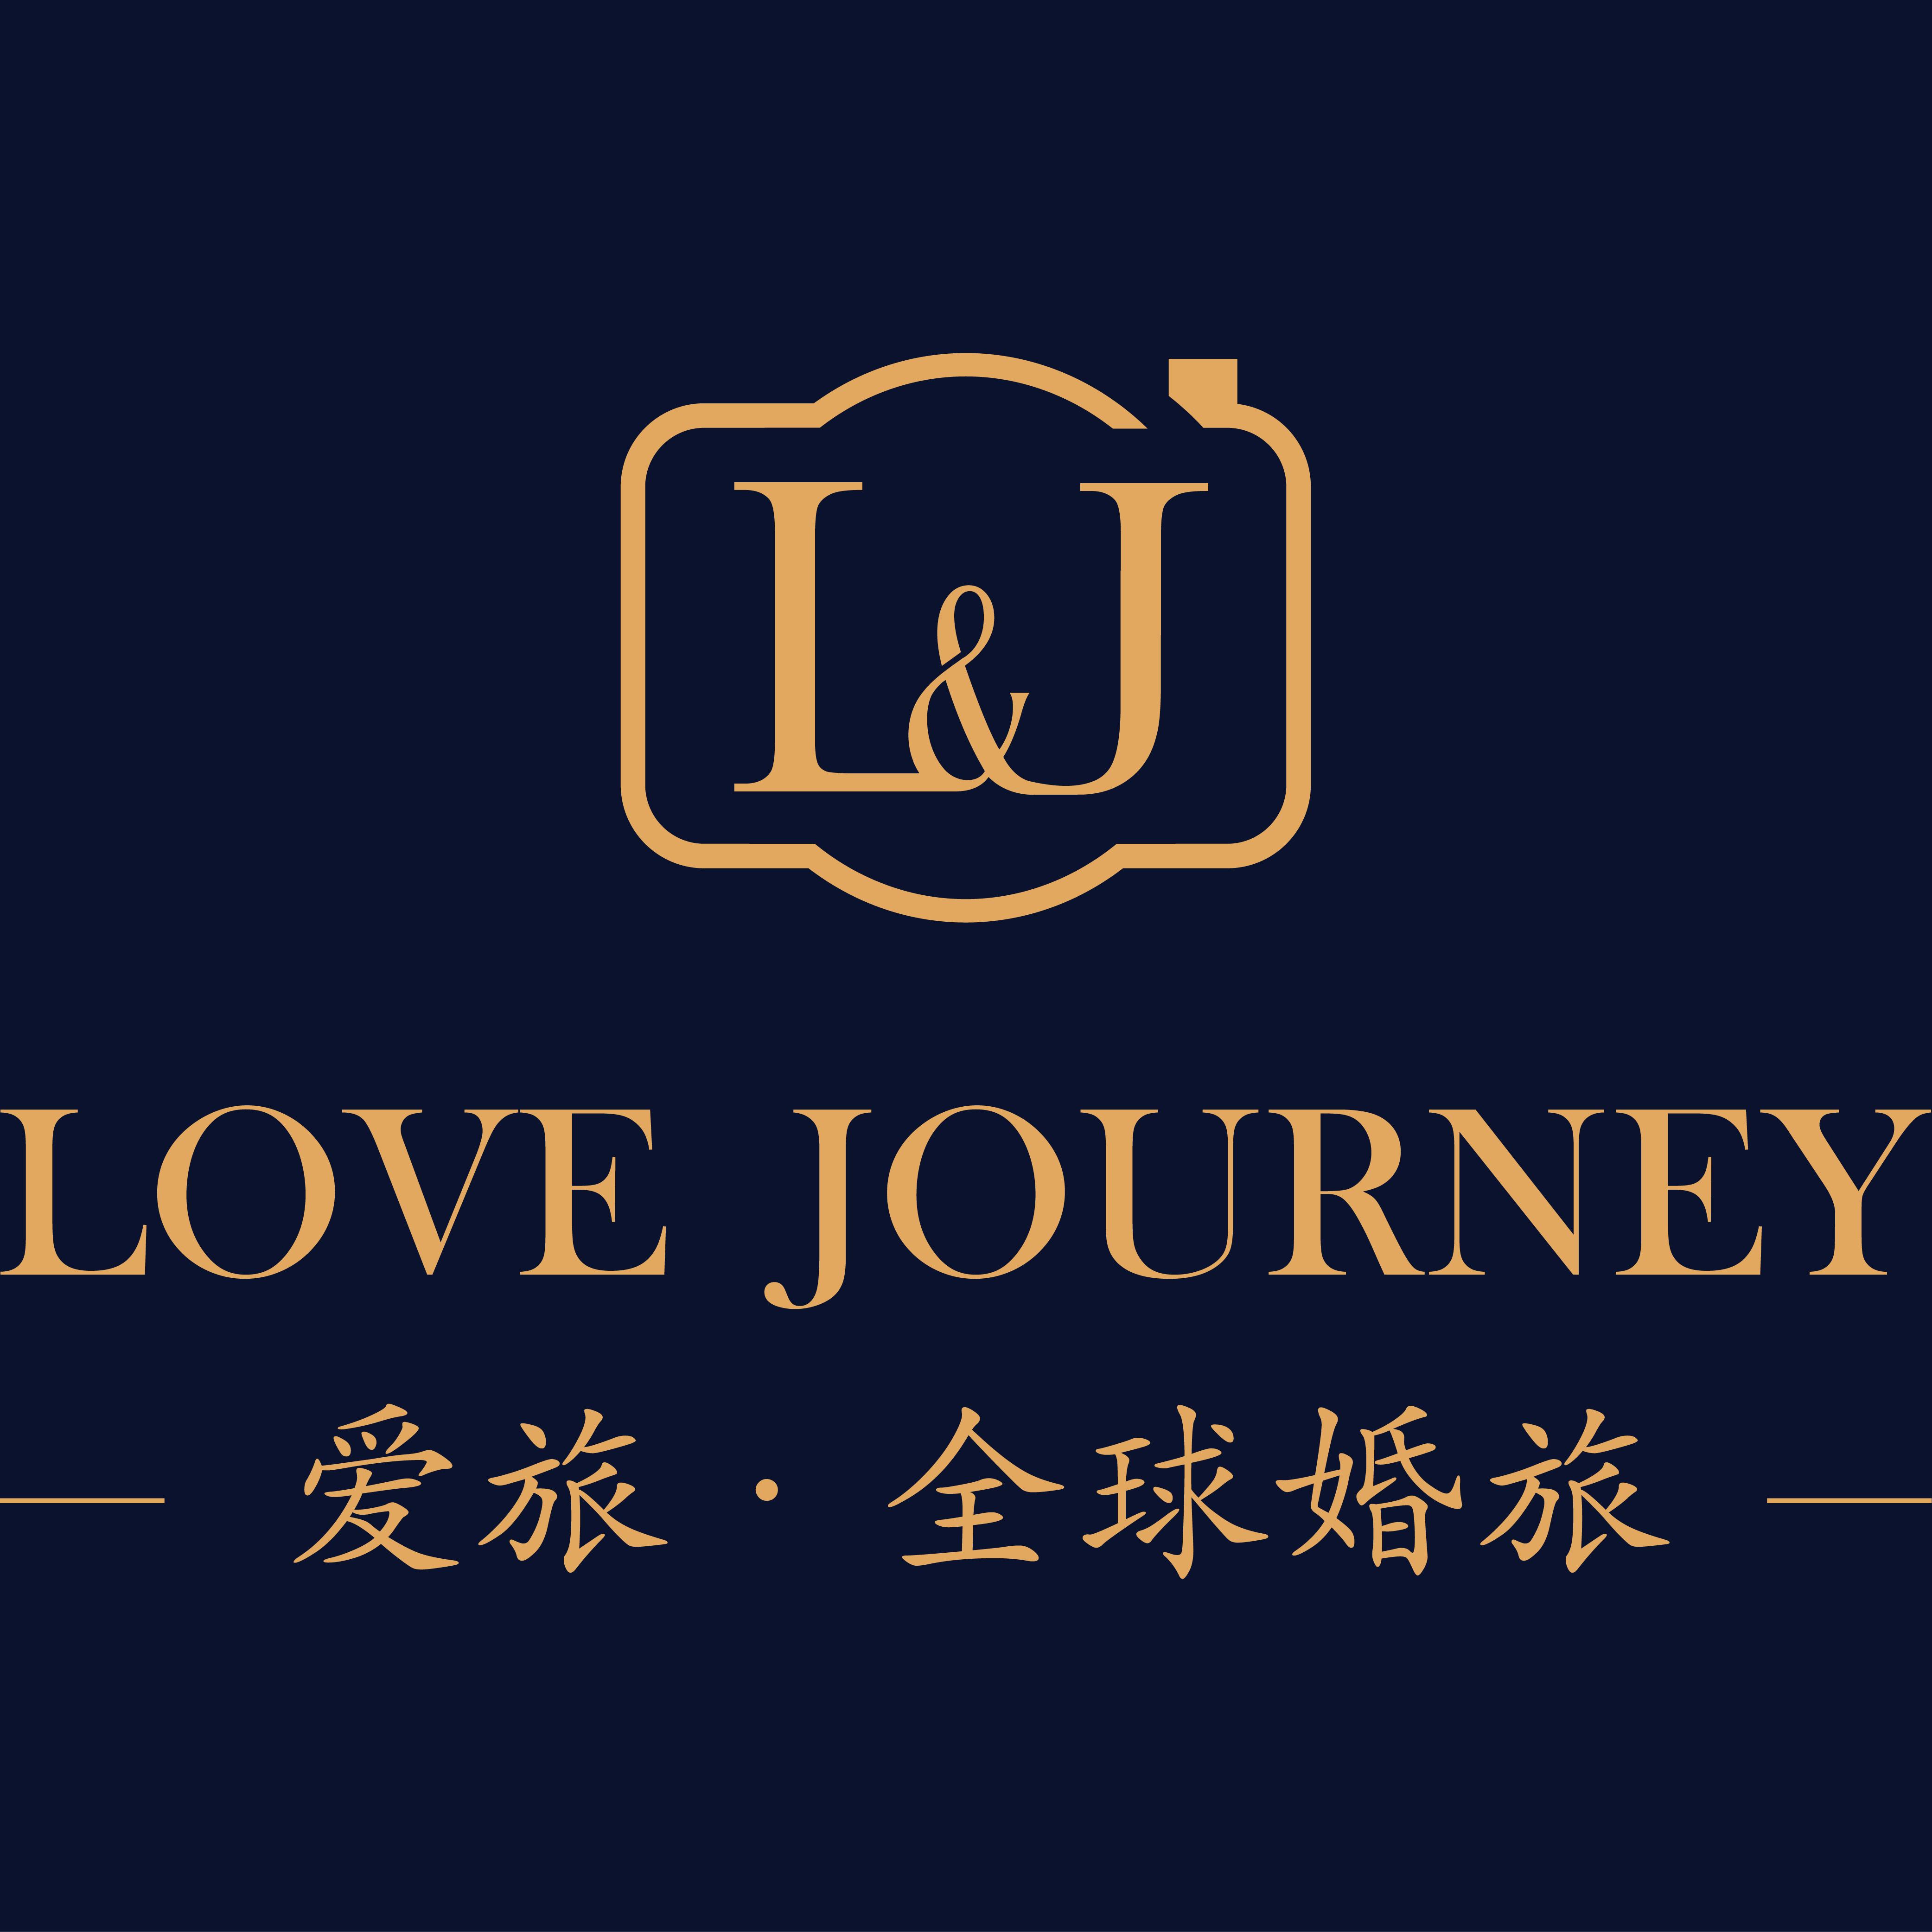 爱旅全球婚旅